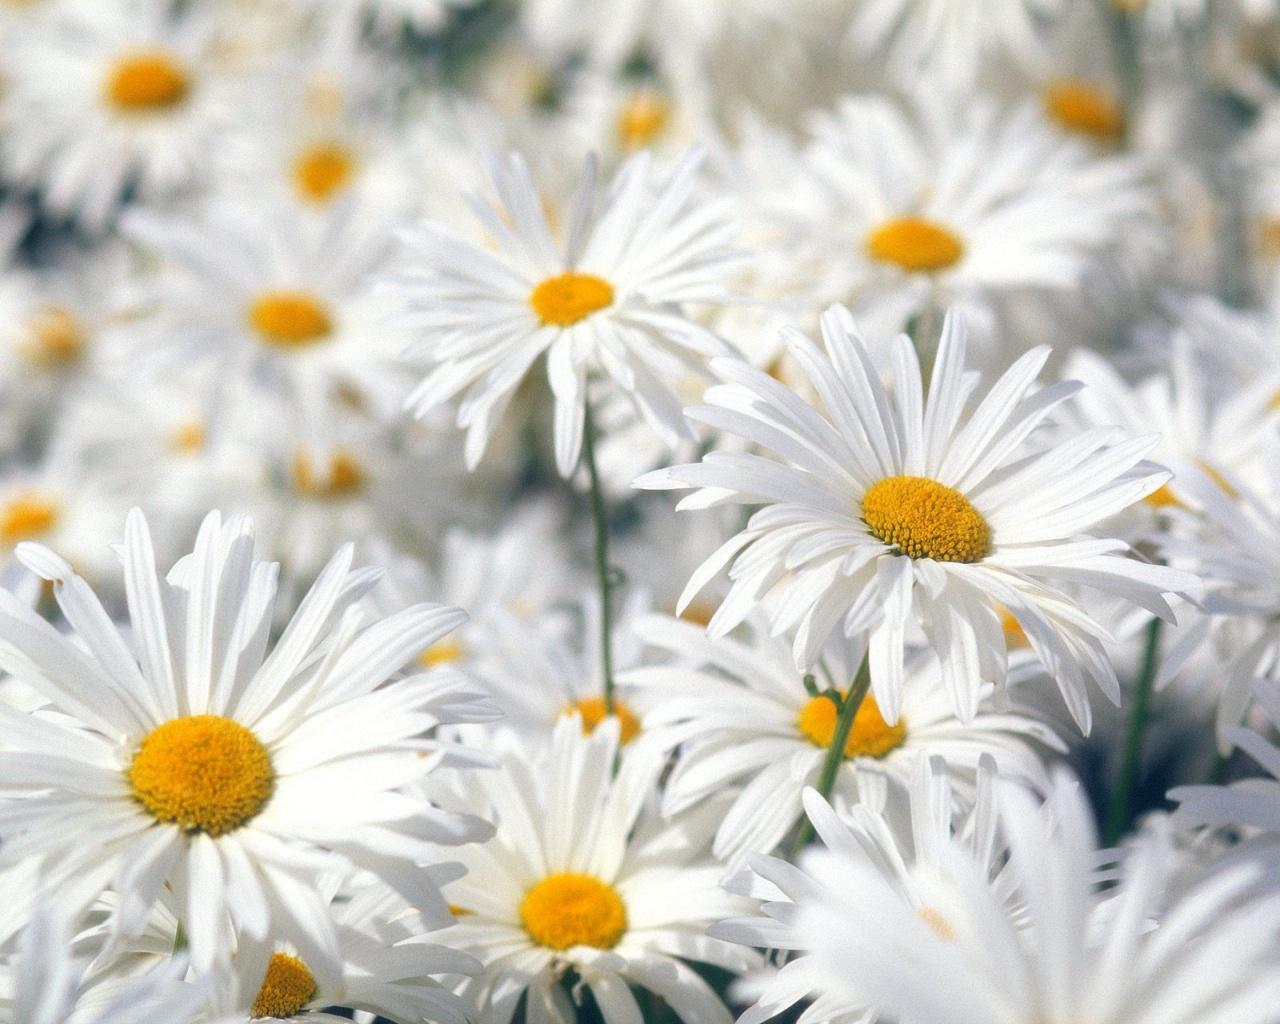 http://4.bp.blogspot.com/-rK6Hvi0Ck-g/Tacs_1HTUnI/AAAAAAAAGVs/OpRzJBqcxU0/s1600/plentiful_oxeye_daisies-1280x1024.jpg